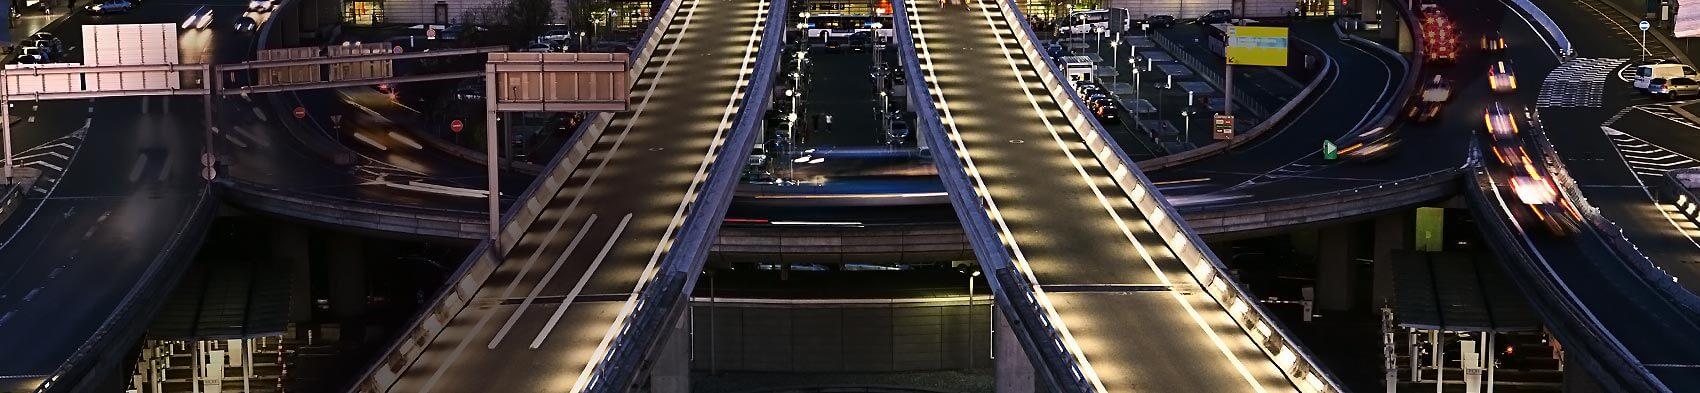 Aéroports de Paris, Passagers, Infos Accès